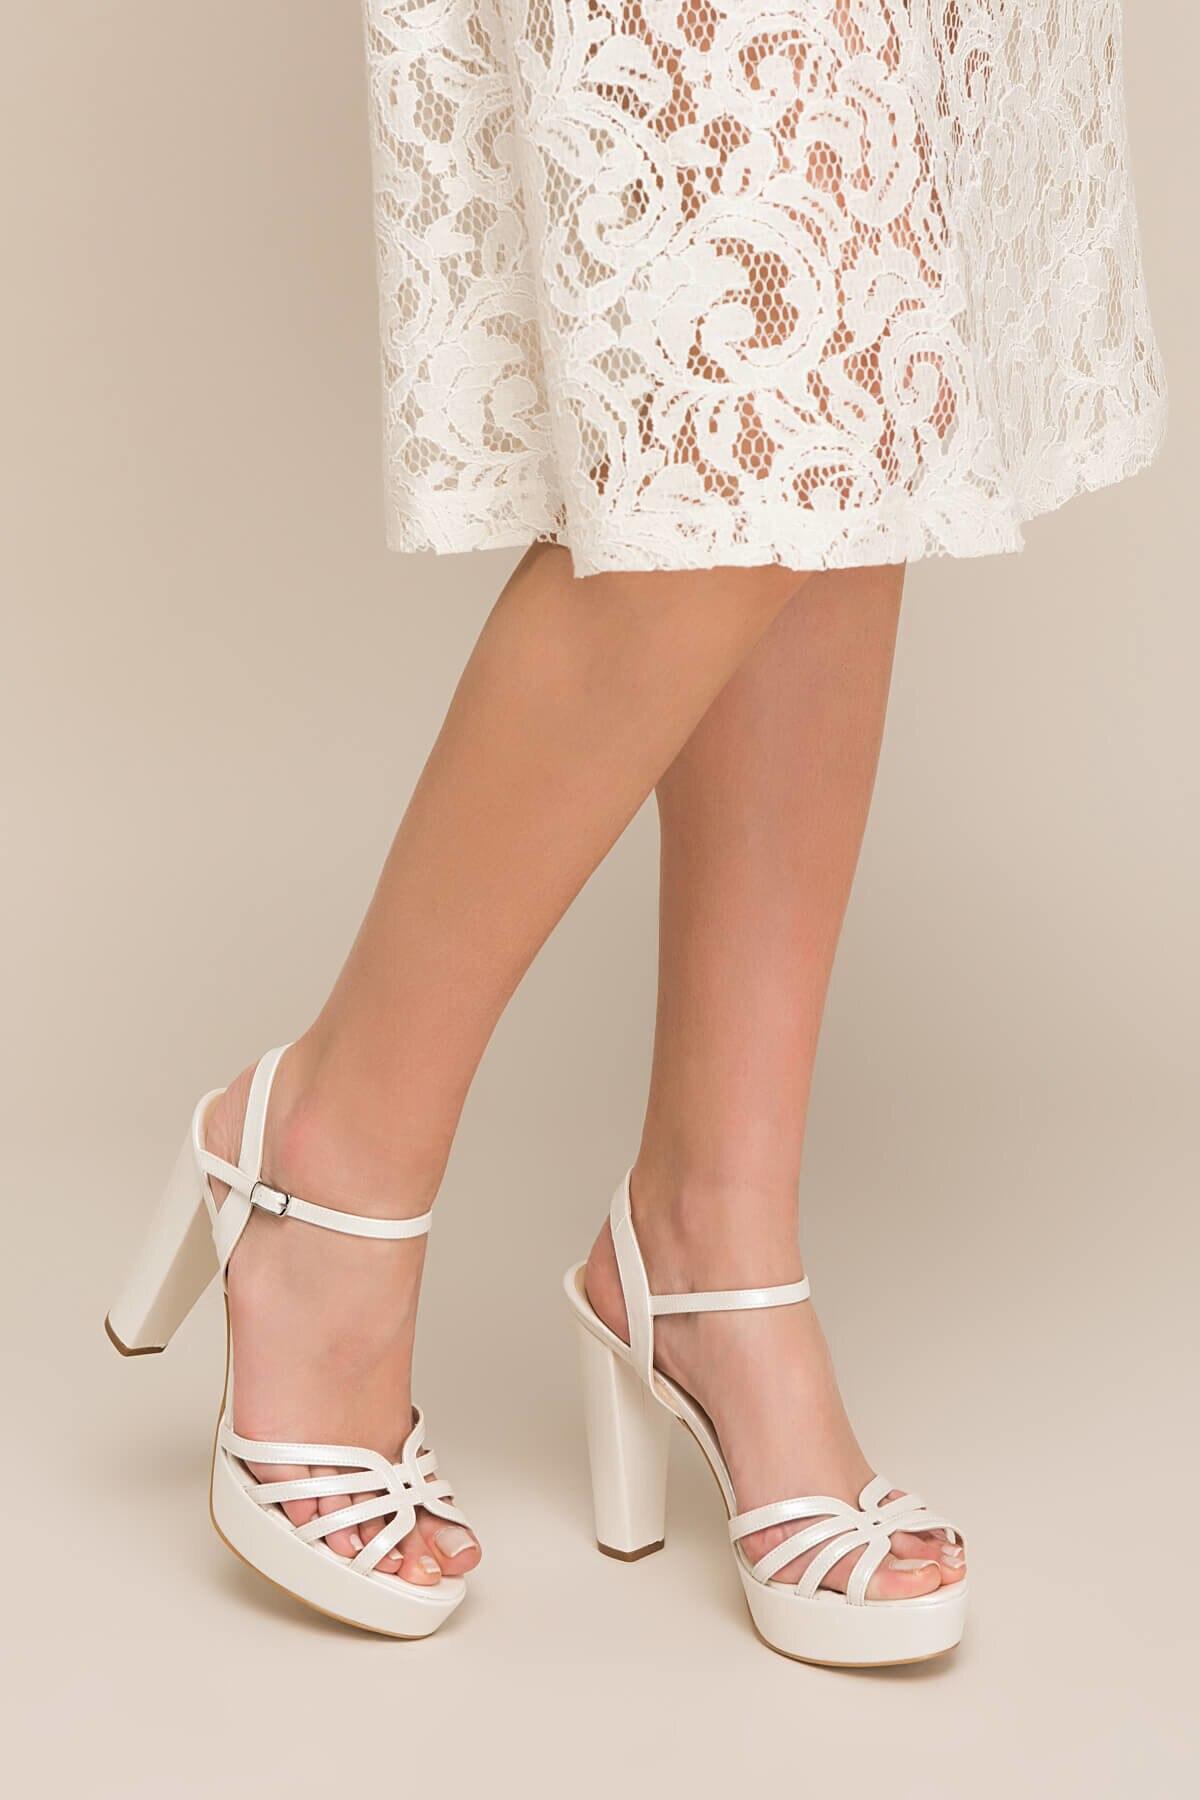 Бежевые женские туфли на высоком каблуке с жемчугом 120130002329|Женские туфли| |